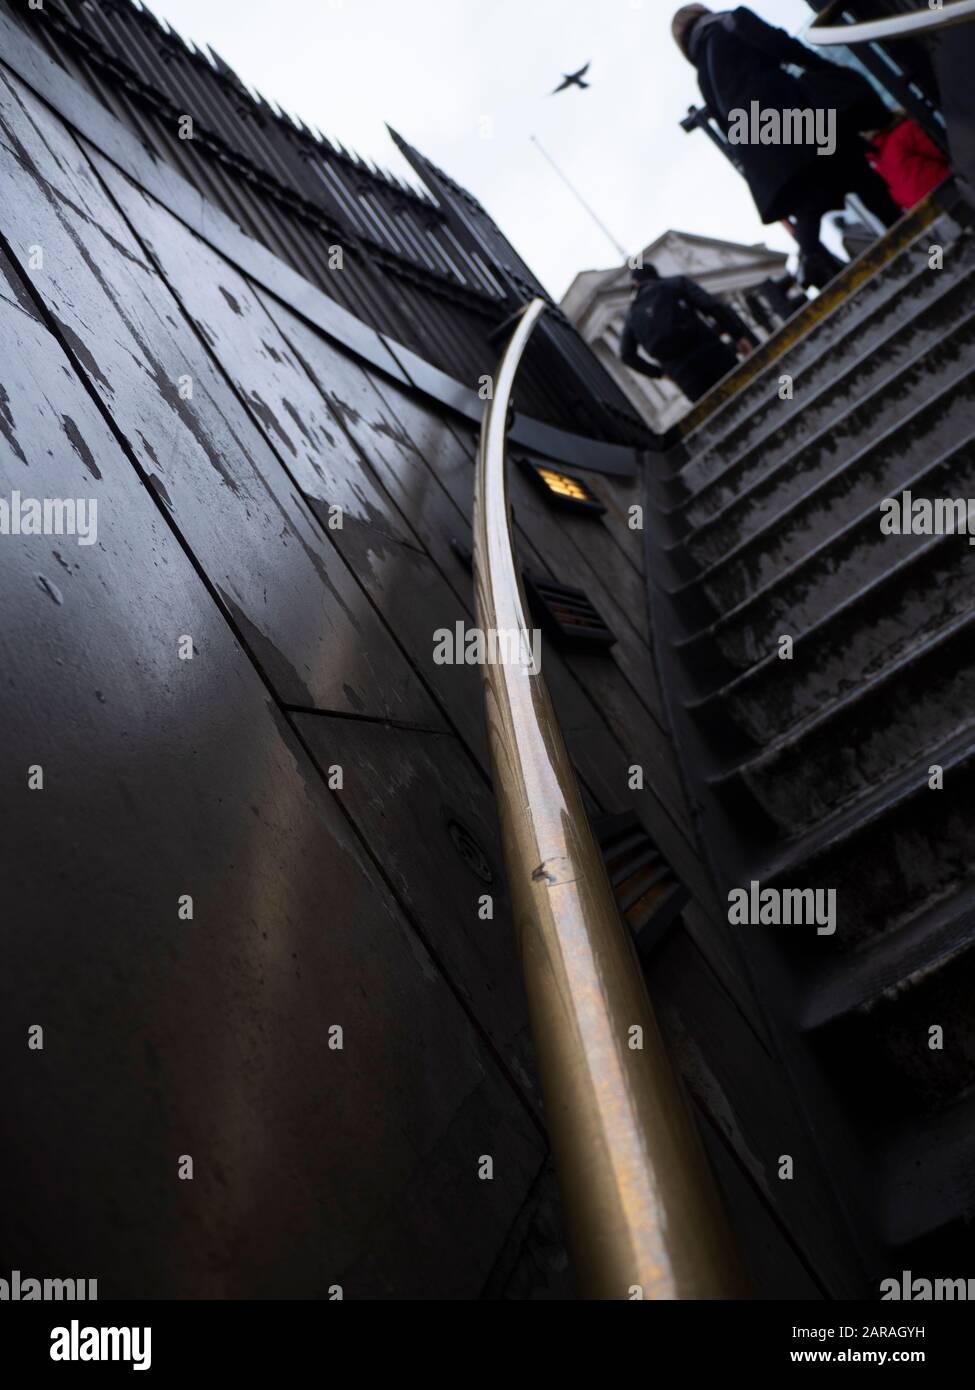 Escaliers Étapes menant à la Banque d'Angleterre en arrière-plan City of London UK Banque D'Images